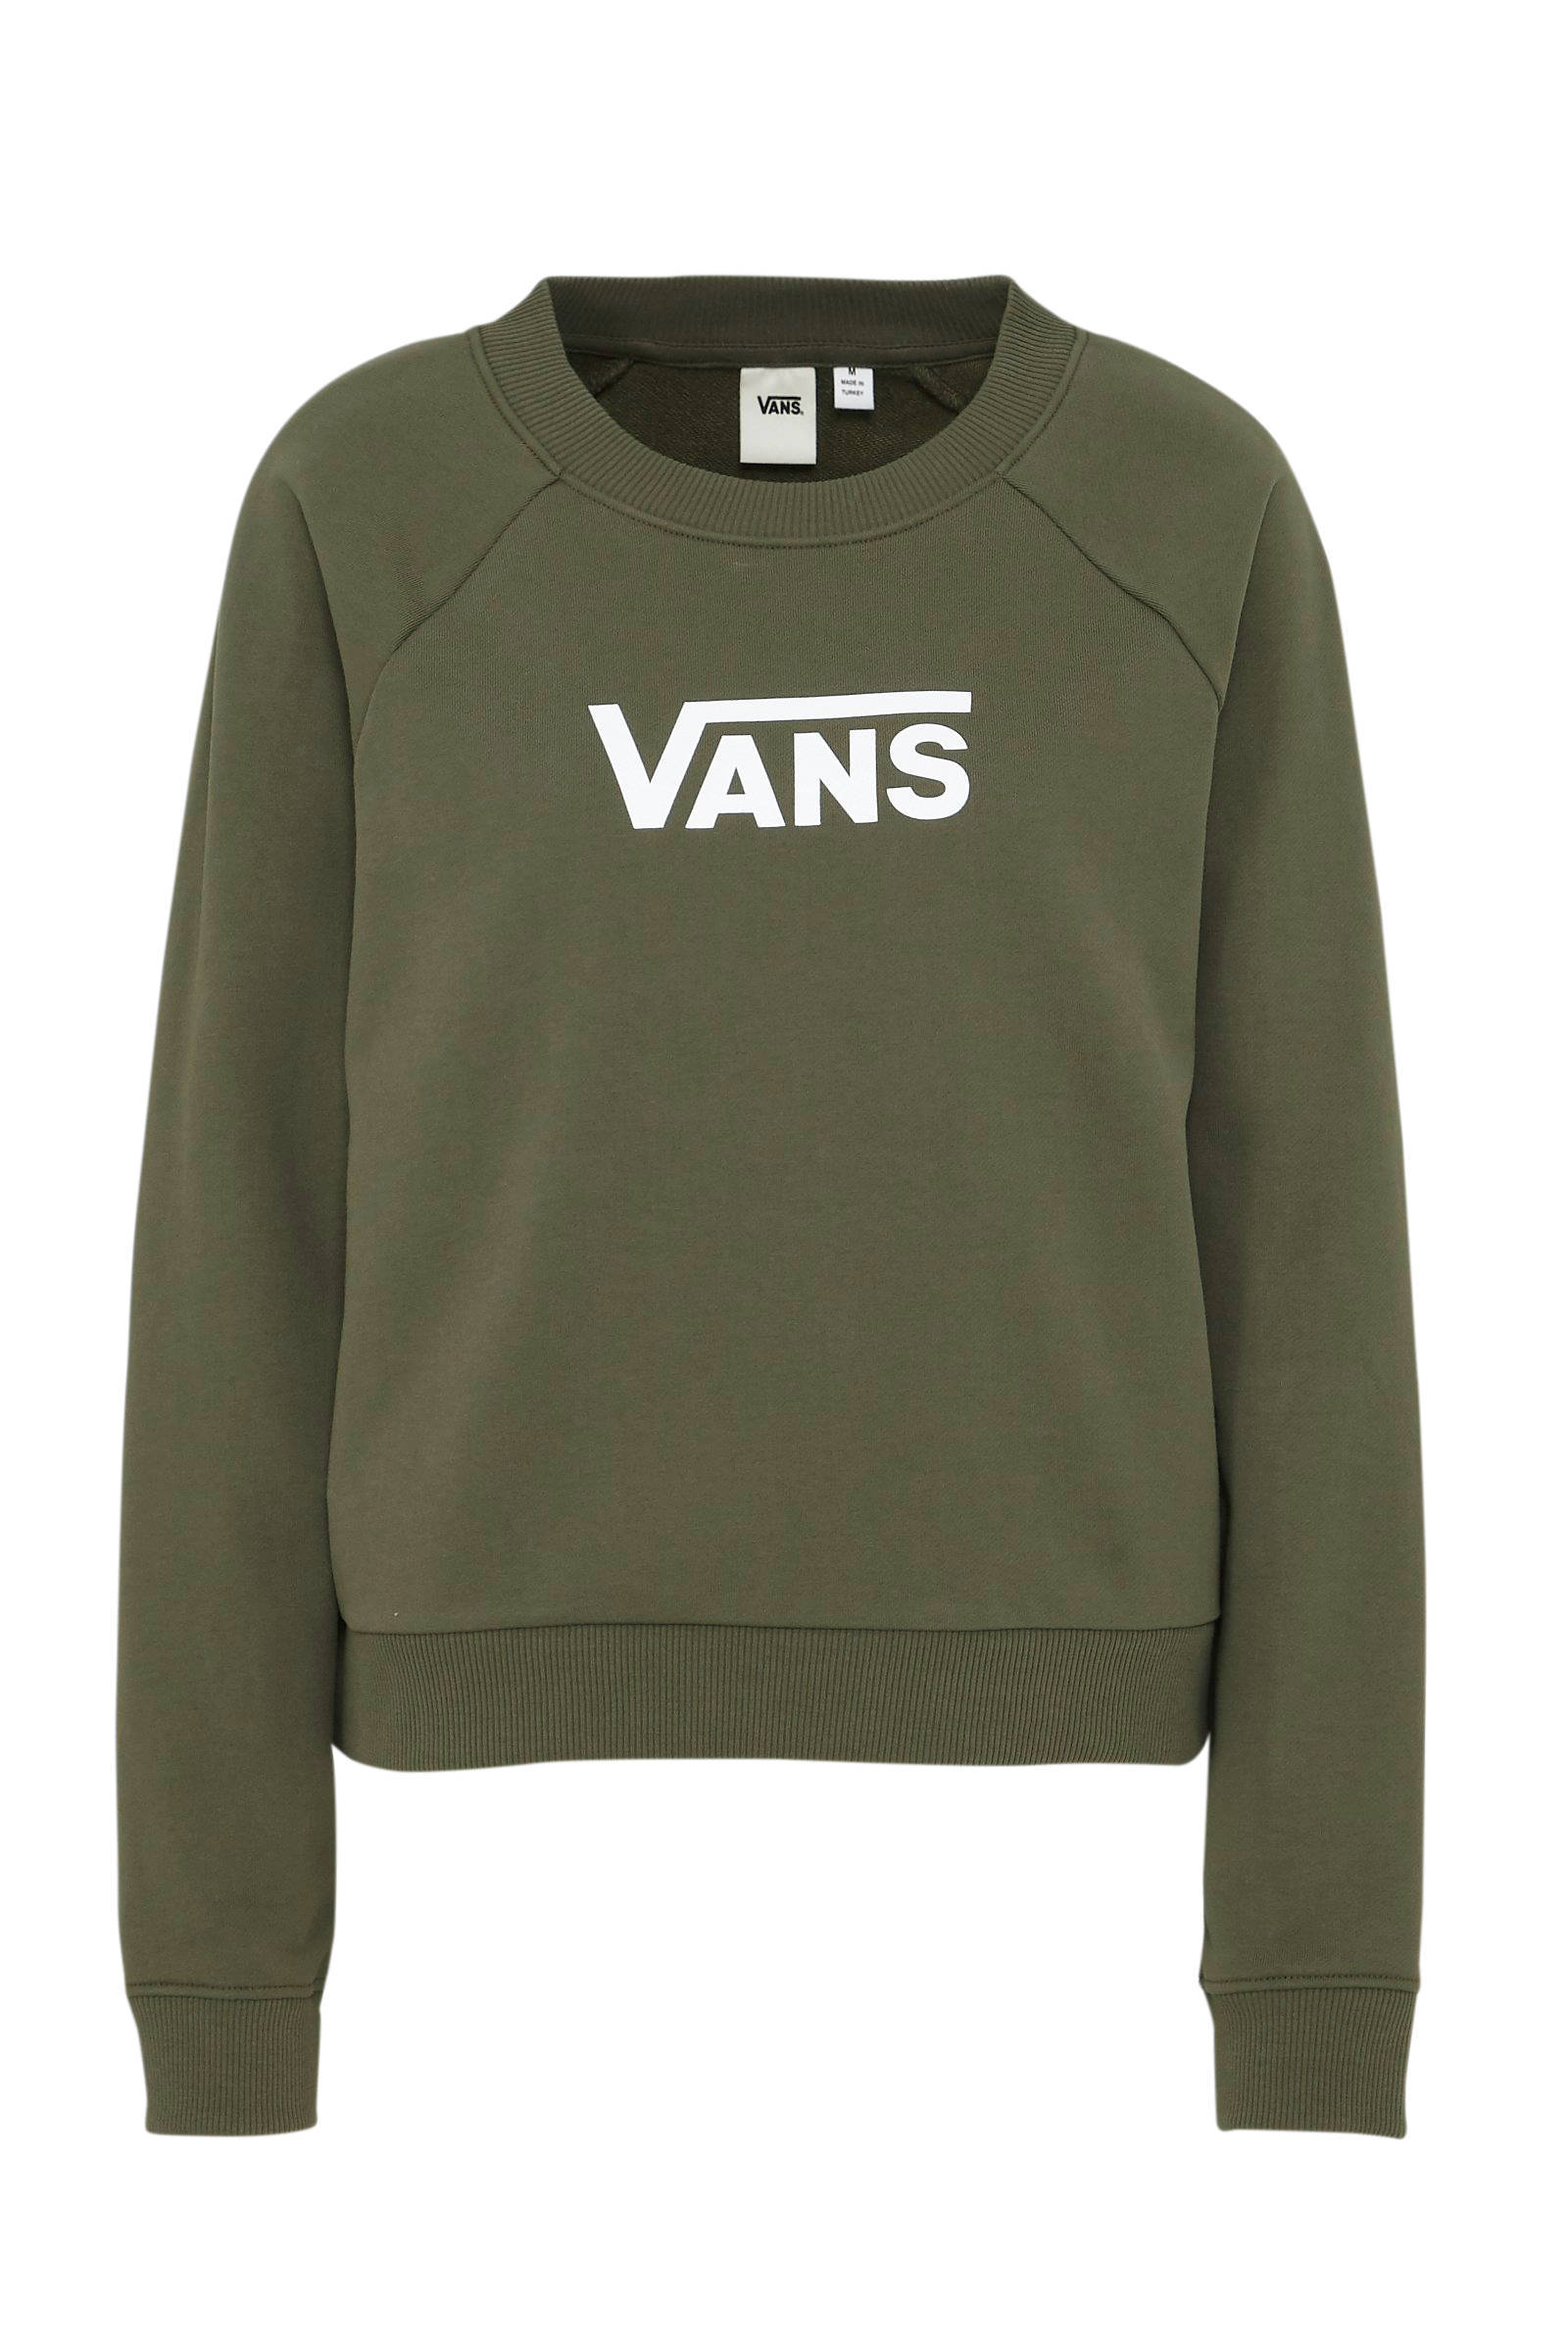 VANS sweater groen | wehkamp